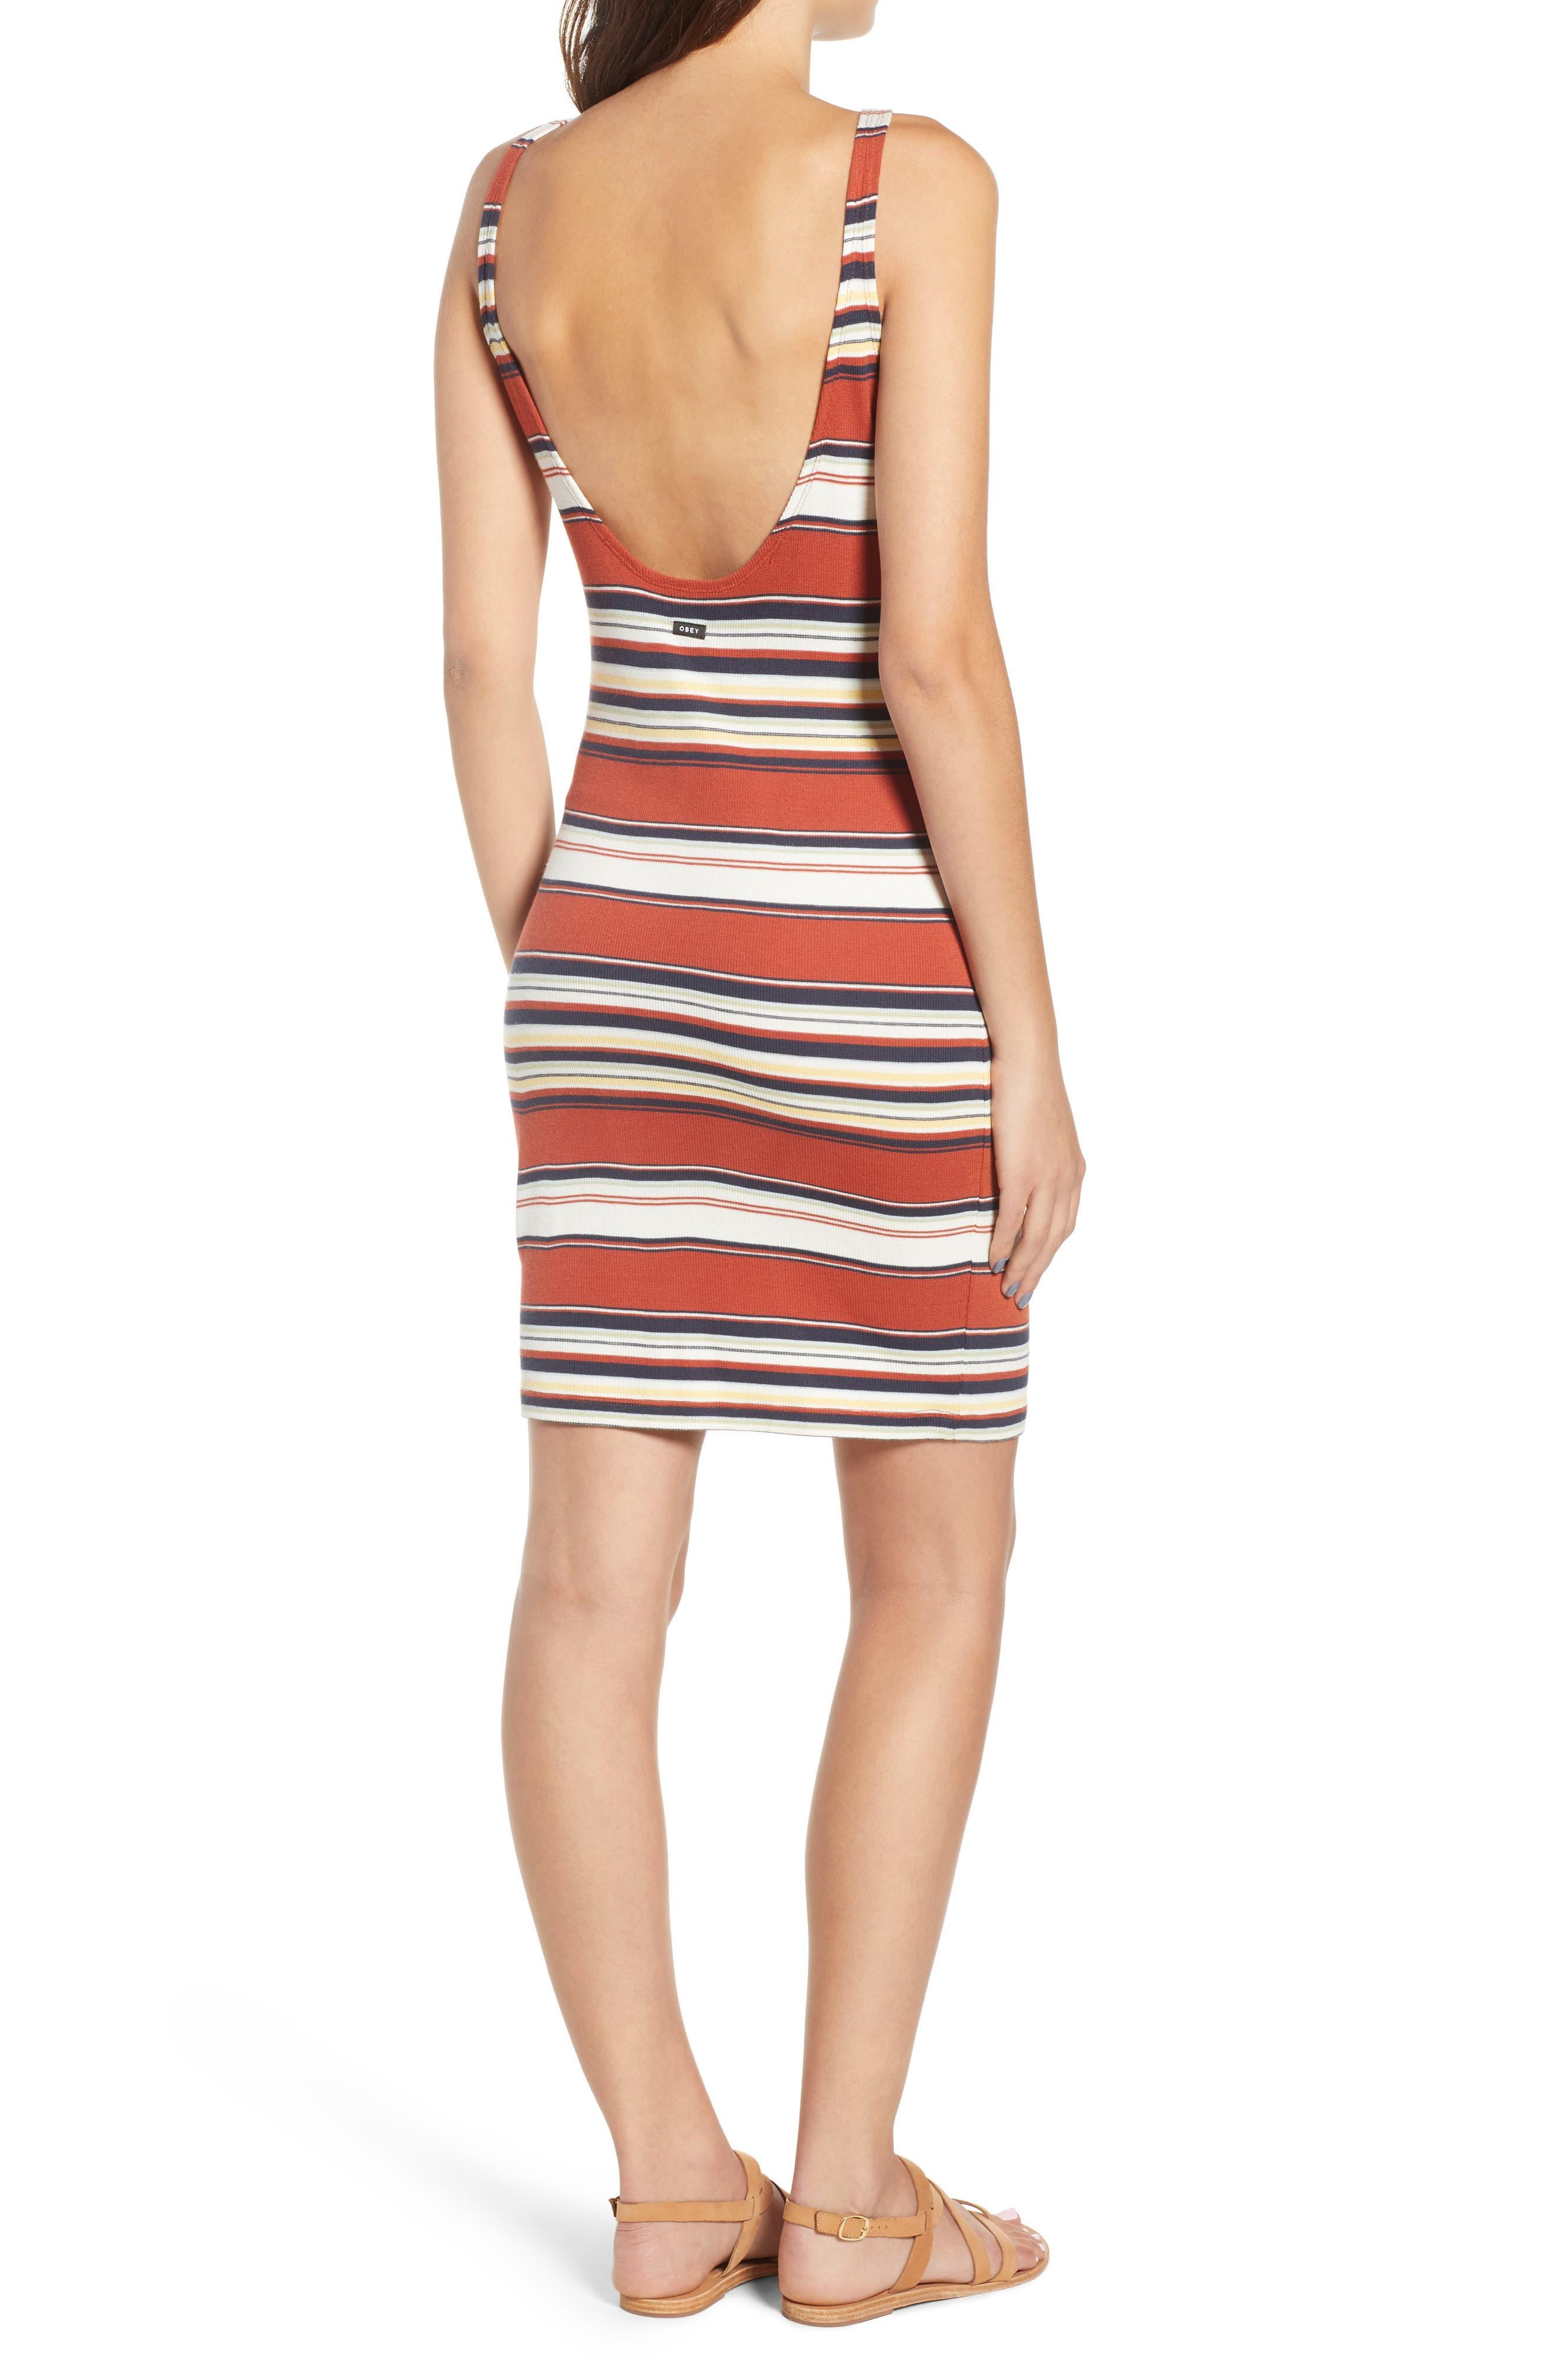 Homesick Stripe Ribbed Dress,                             Alternate thumbnail 2, color,                             Brick Multi